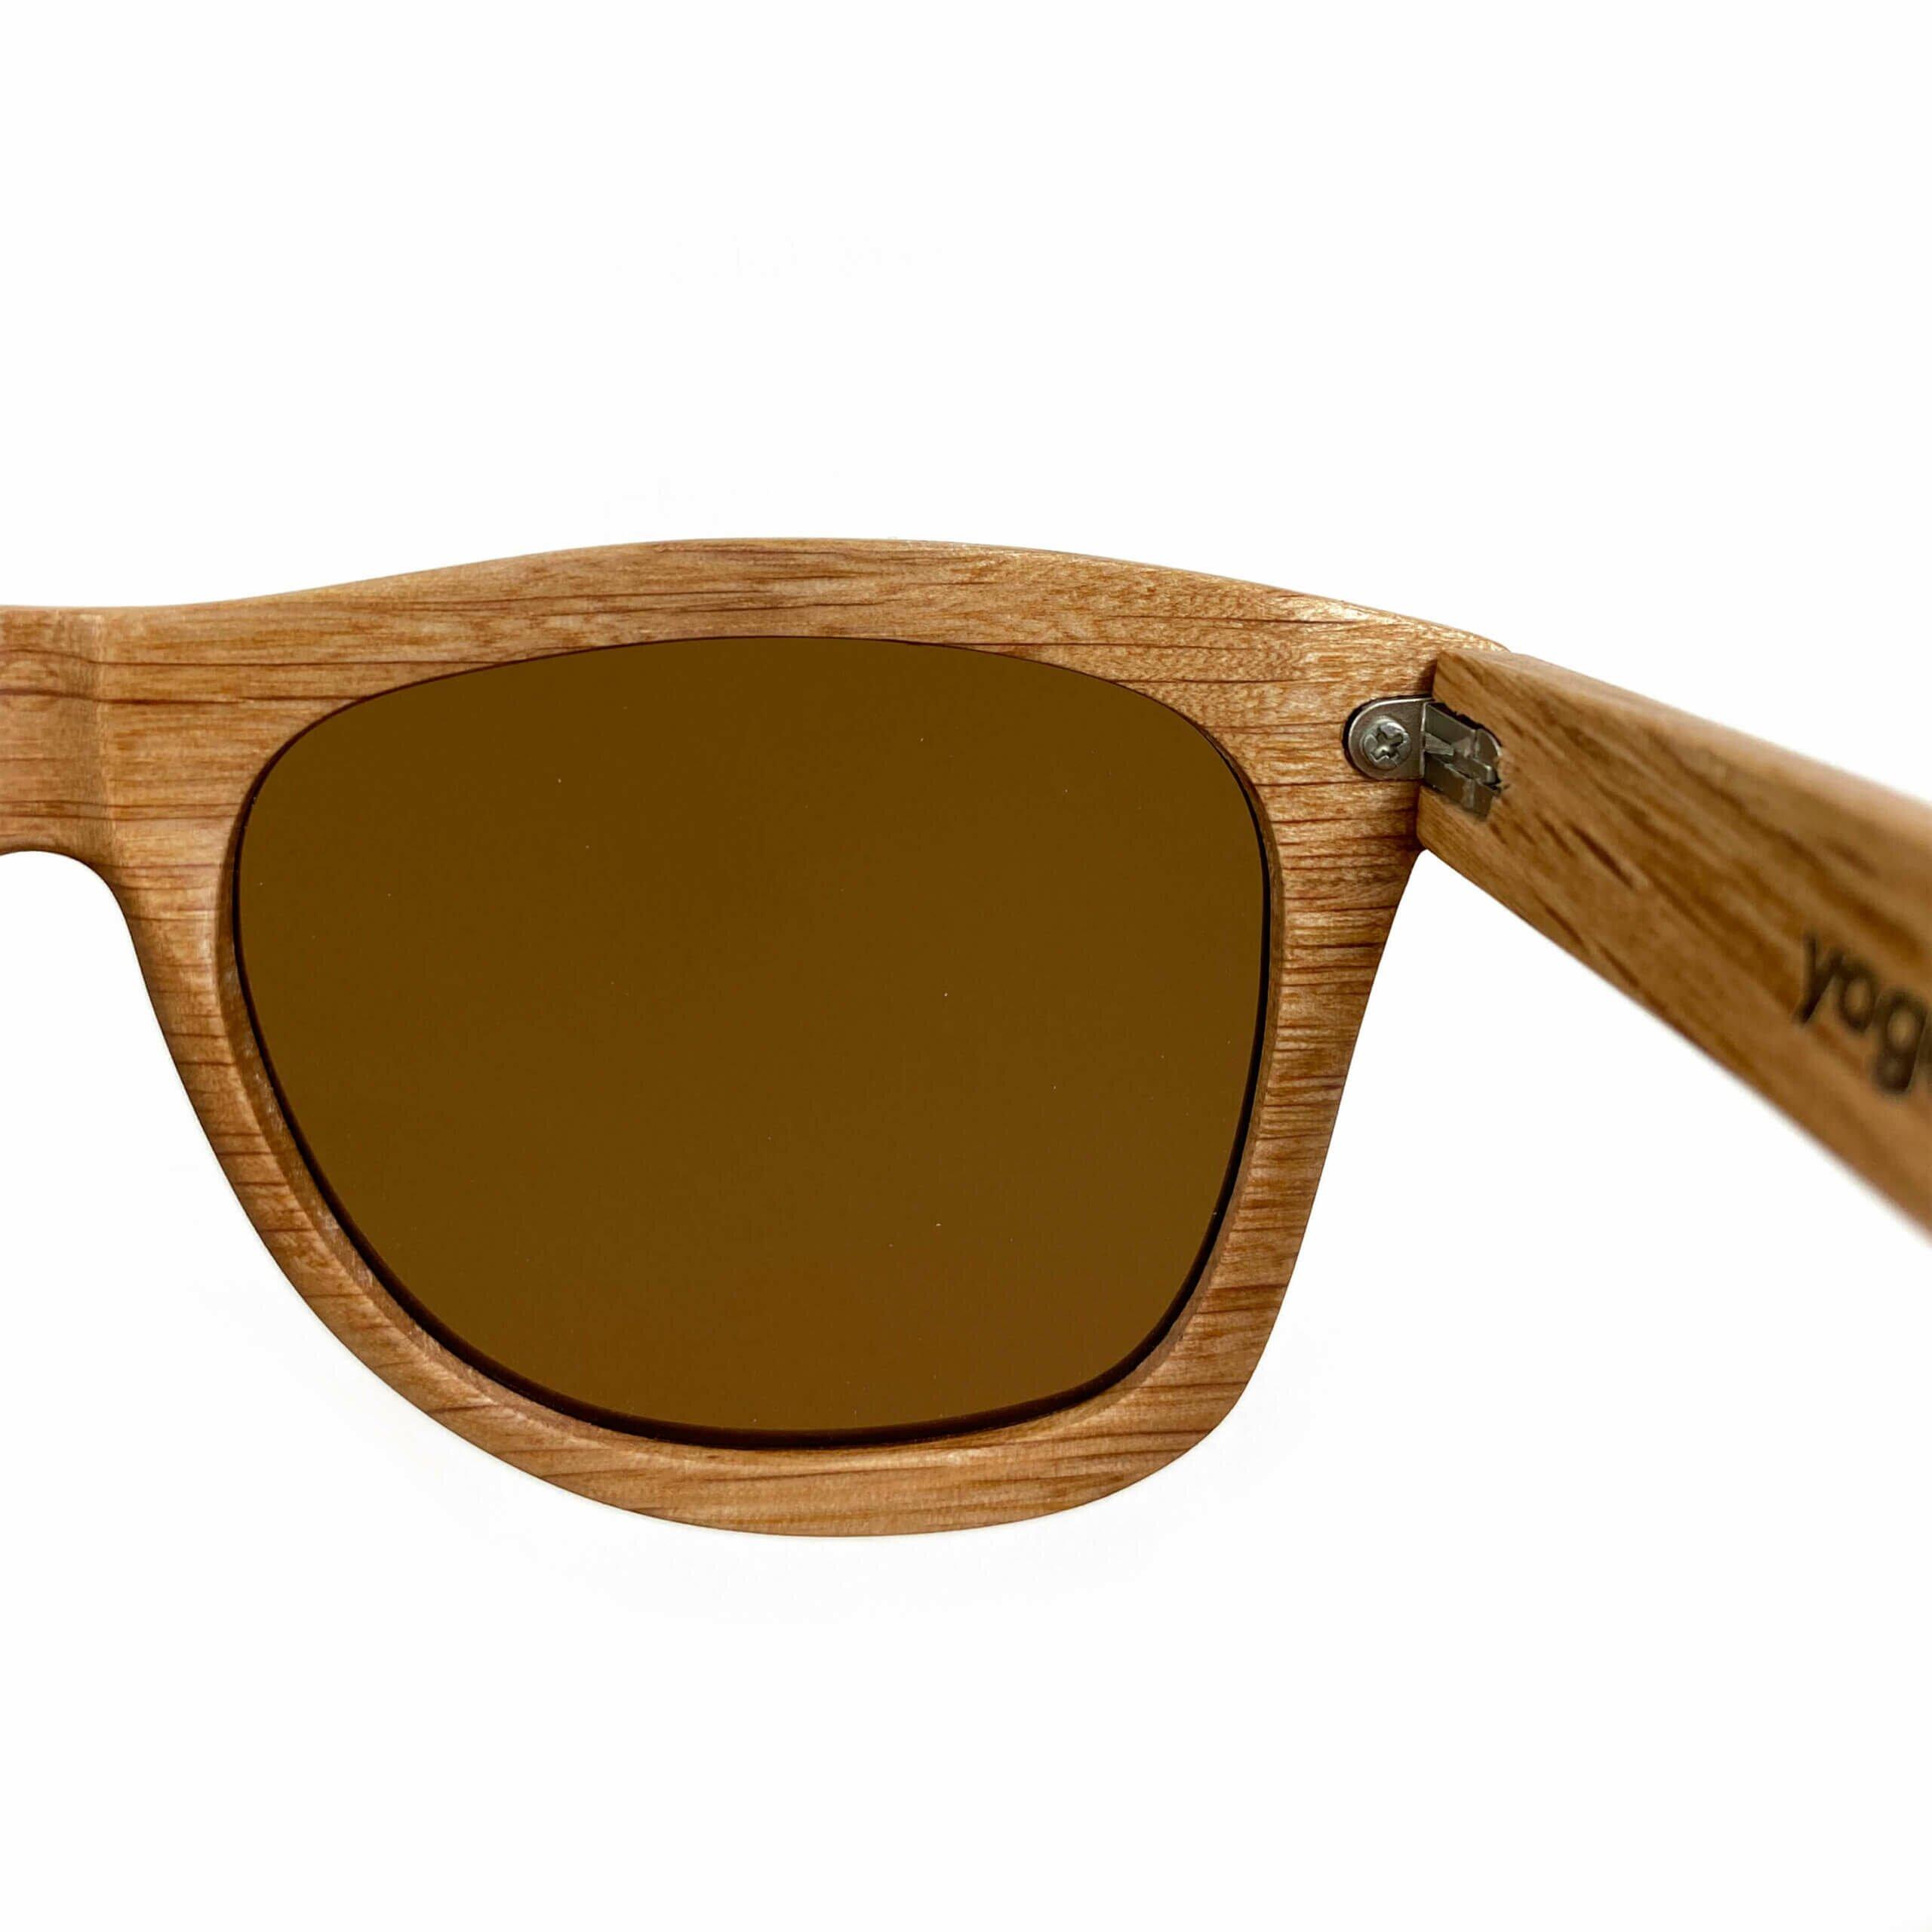 oculos-madeira-yogateria-noronha-2